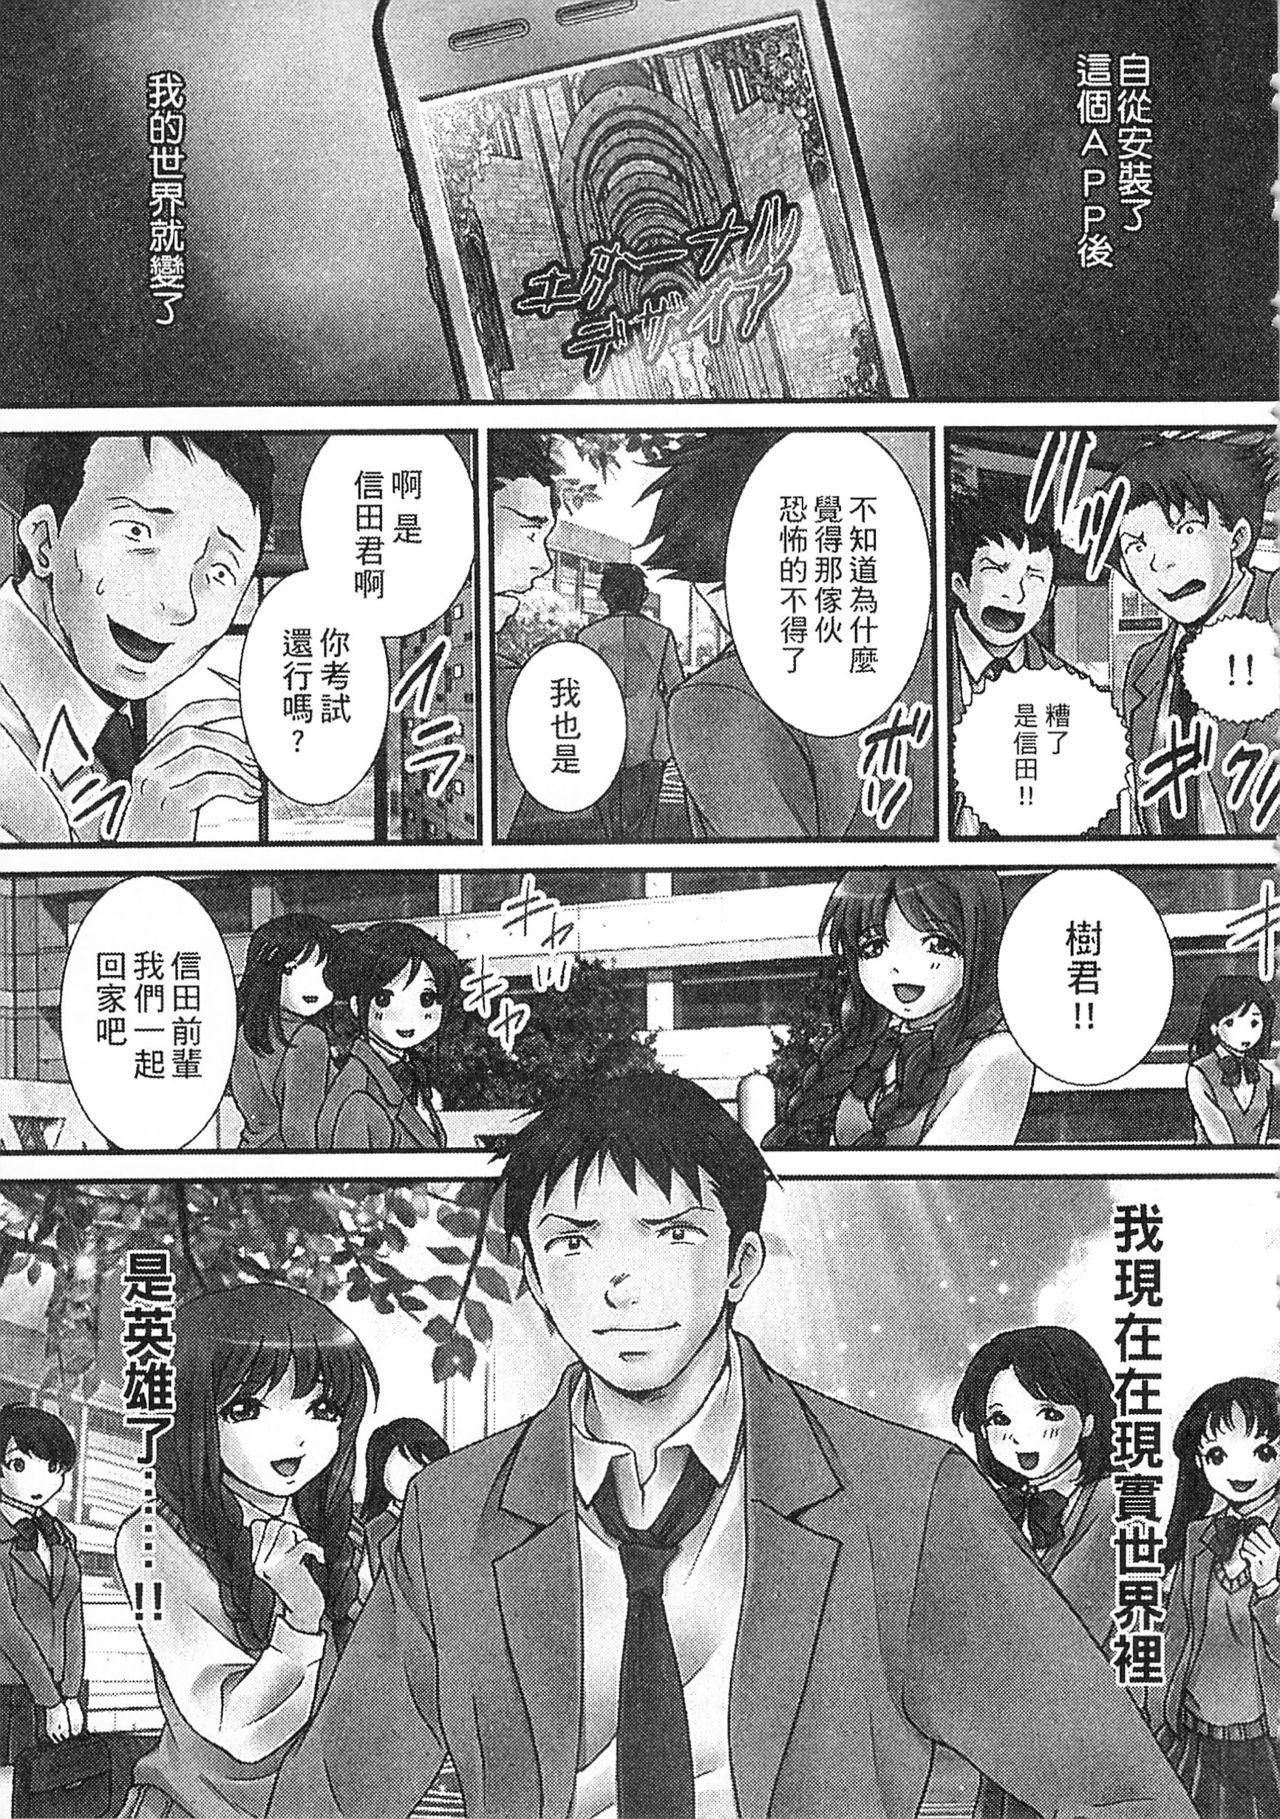 Zetsurin! Kinoko Oyaji 158